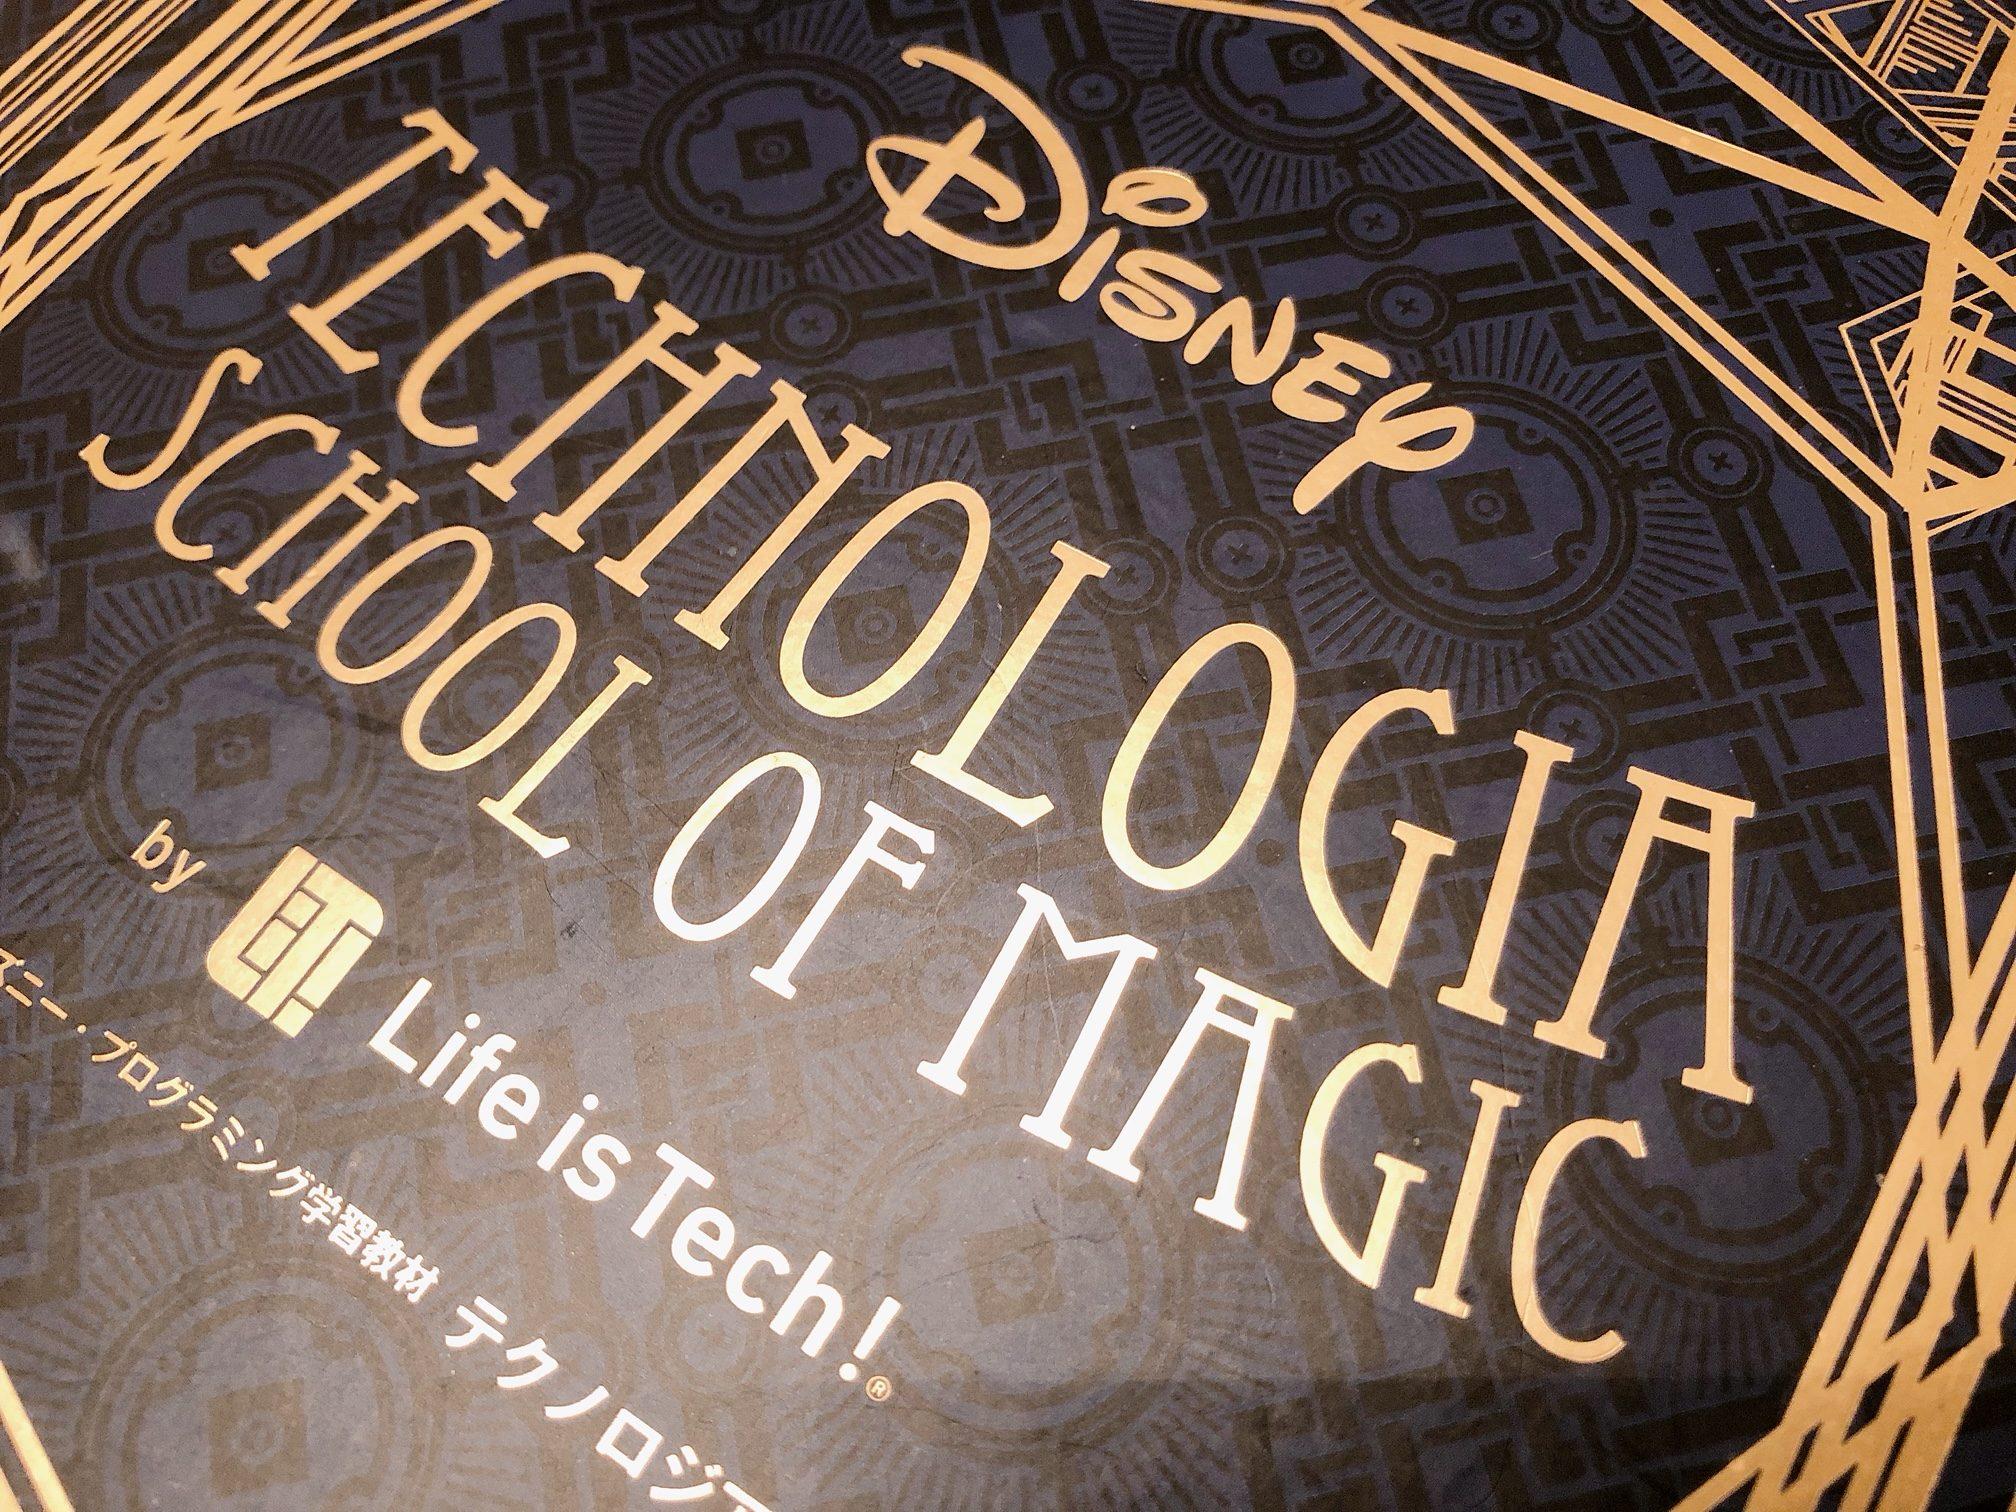 テクノロジア魔法学校でプログラミング学習!内容と効果、料金を解説